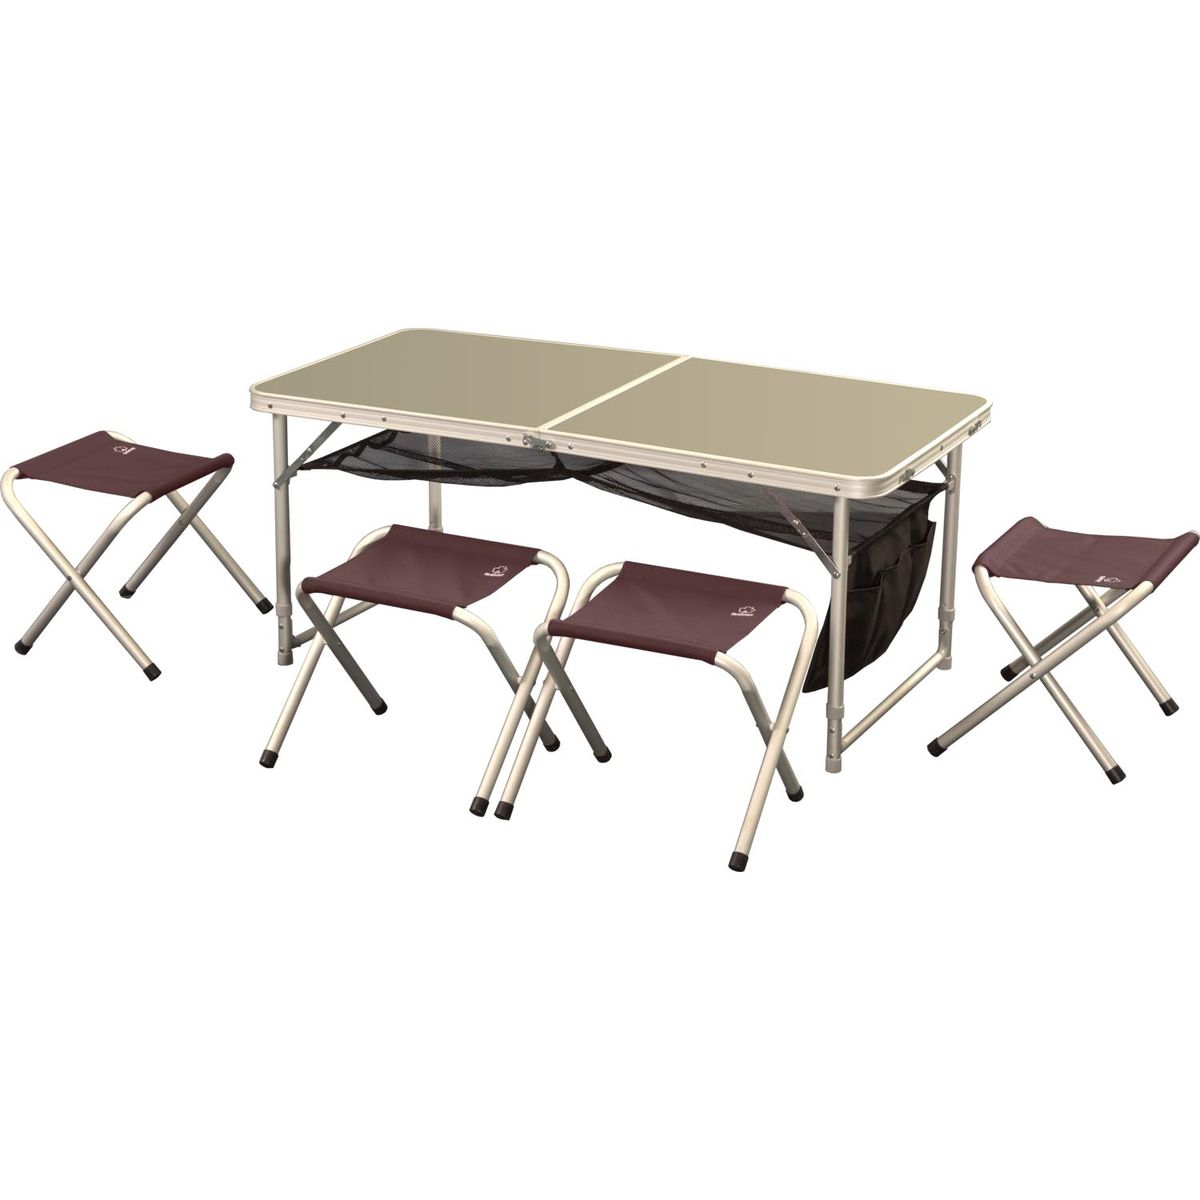 Набор складной мебели Greenell FTFS-1, 5 предметов71241-232-00Легкий складной набор Greenell FTFS-1 предназначен для создания комфортных условий в туристических походах, охоте, рыбалке и кемпинге. Включает в себя стол и 4 табурета. Табуреты убираются внутрь стола для удобной транспортировки. В сложенном виде набор занимает мало места. Каркас предметов выполнен из прочного алюминия. Столешница - фибролит. Табуреты выполнены из полиэстера.В комплекте сумка-чехол.Размер стола: 120 см х 60 см х 70 см.